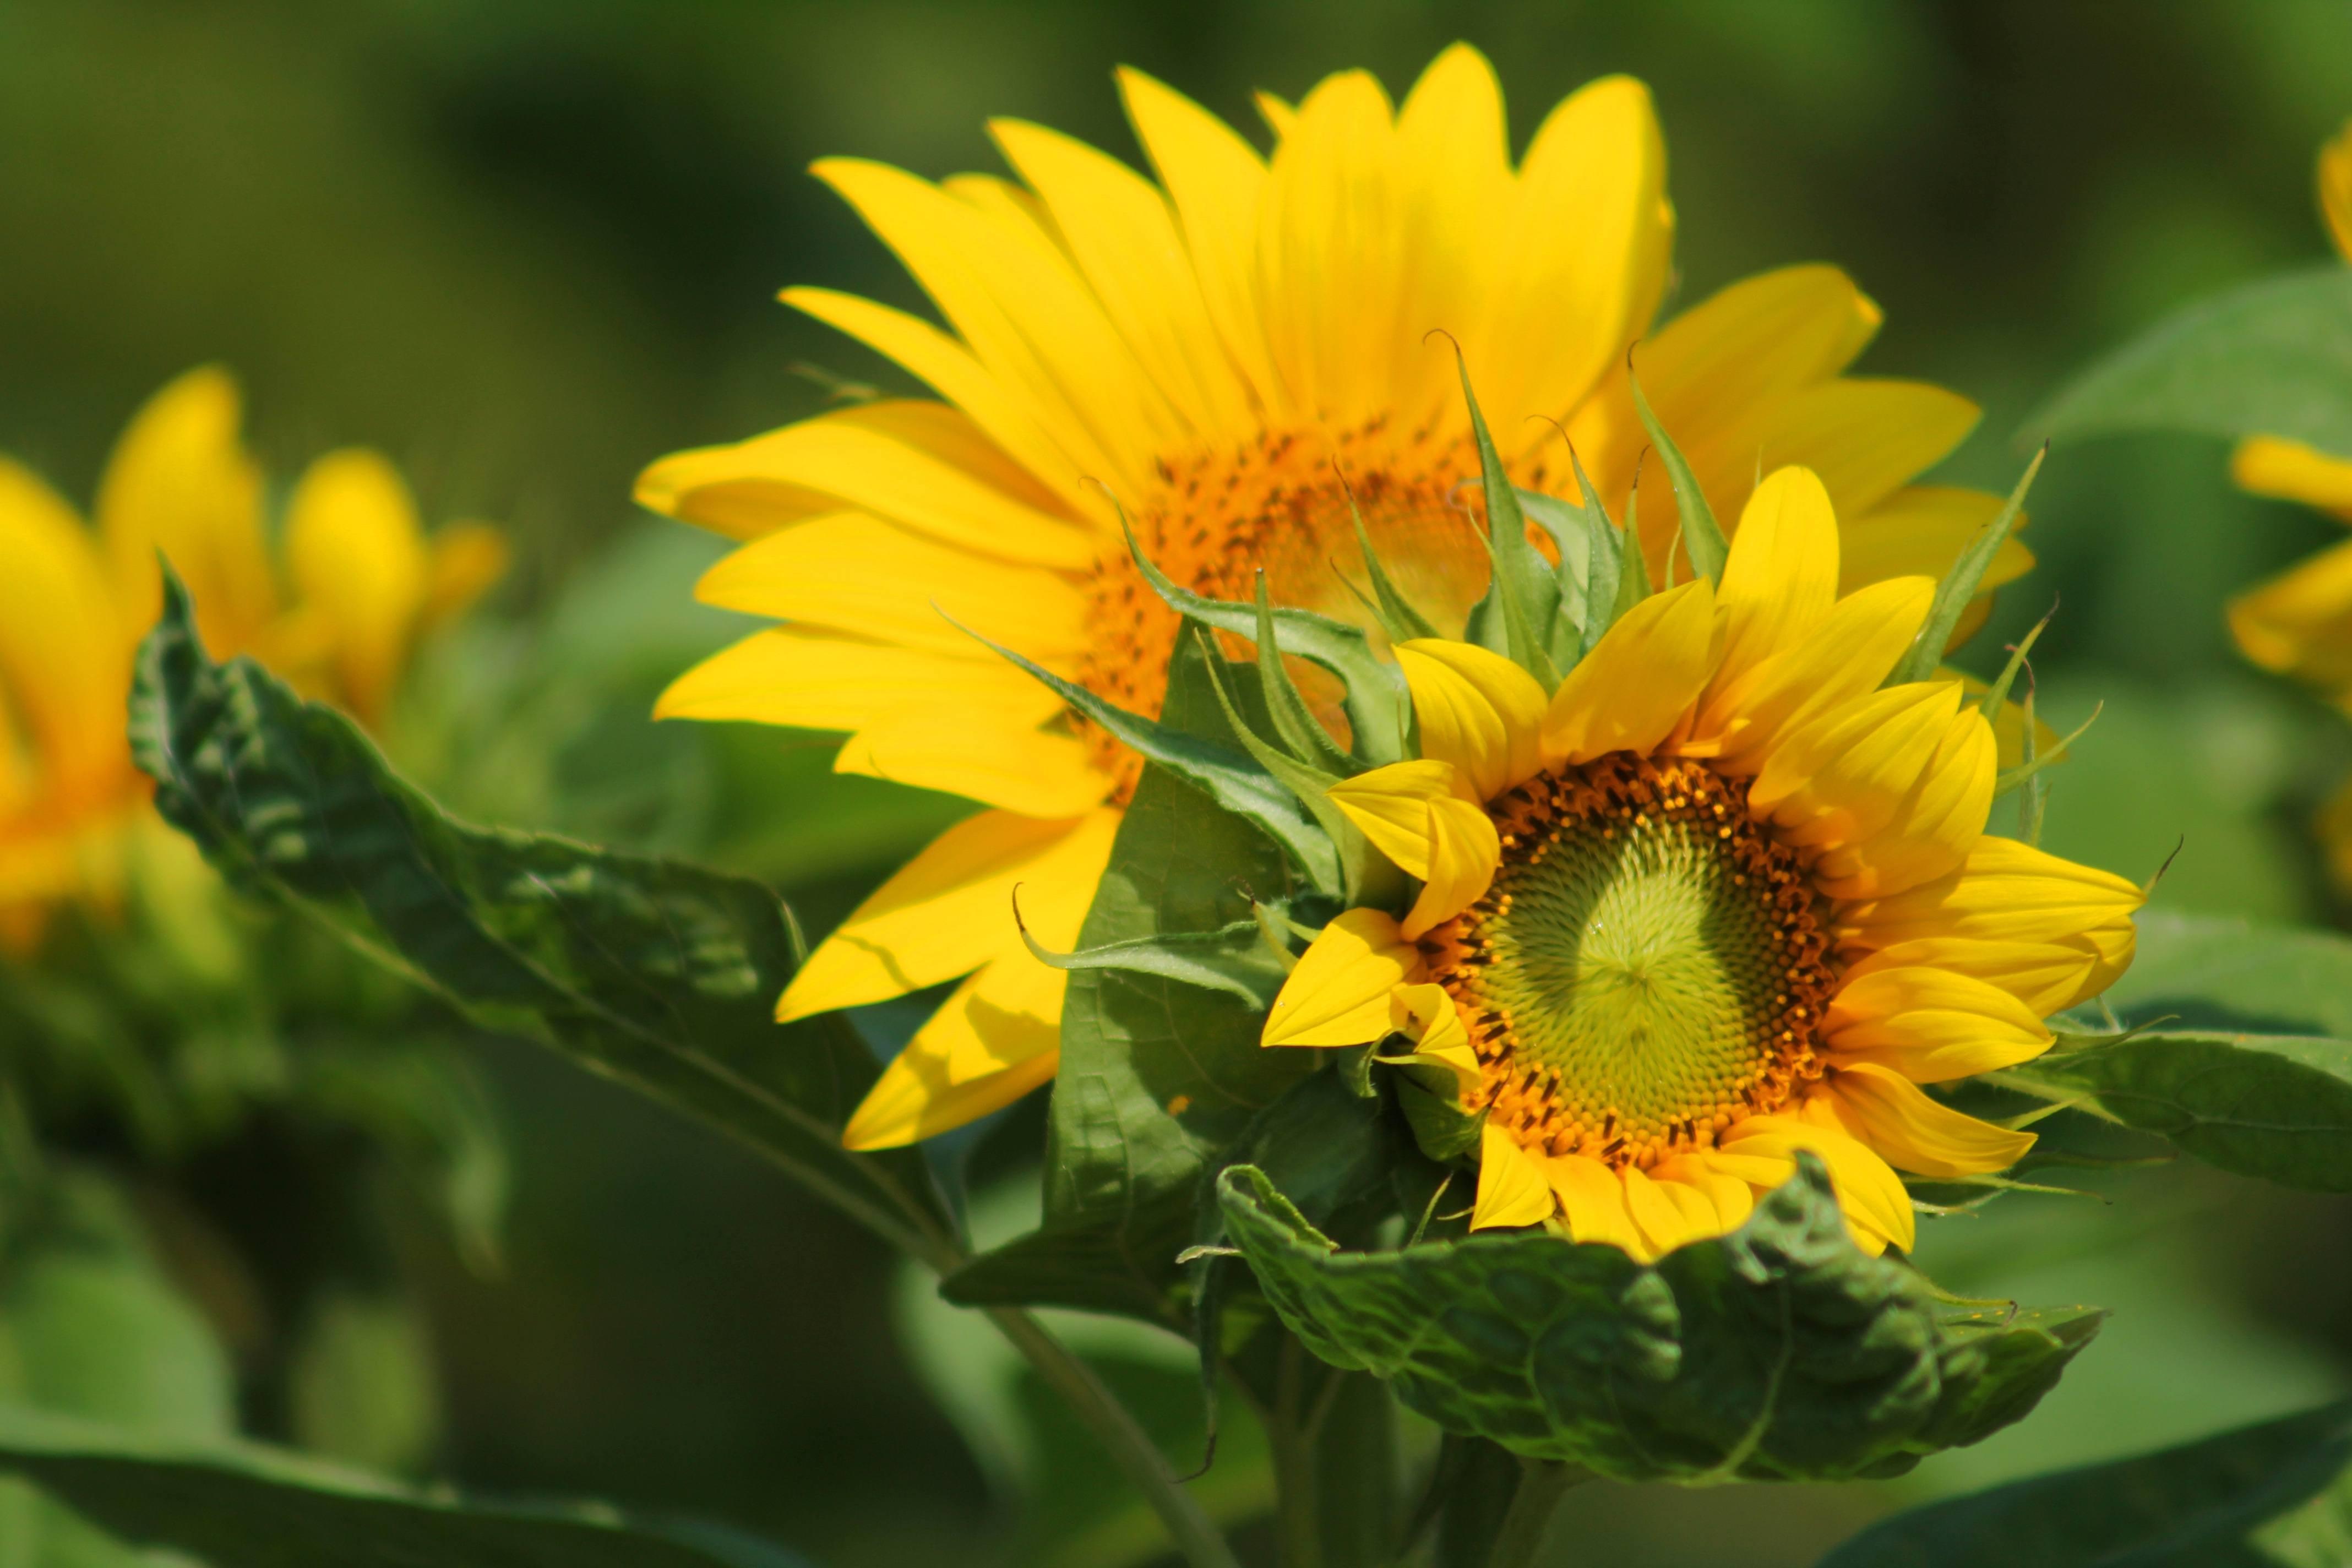 Akupunktmassage Sommerangebot - Im Einklang sein - sonnenblume